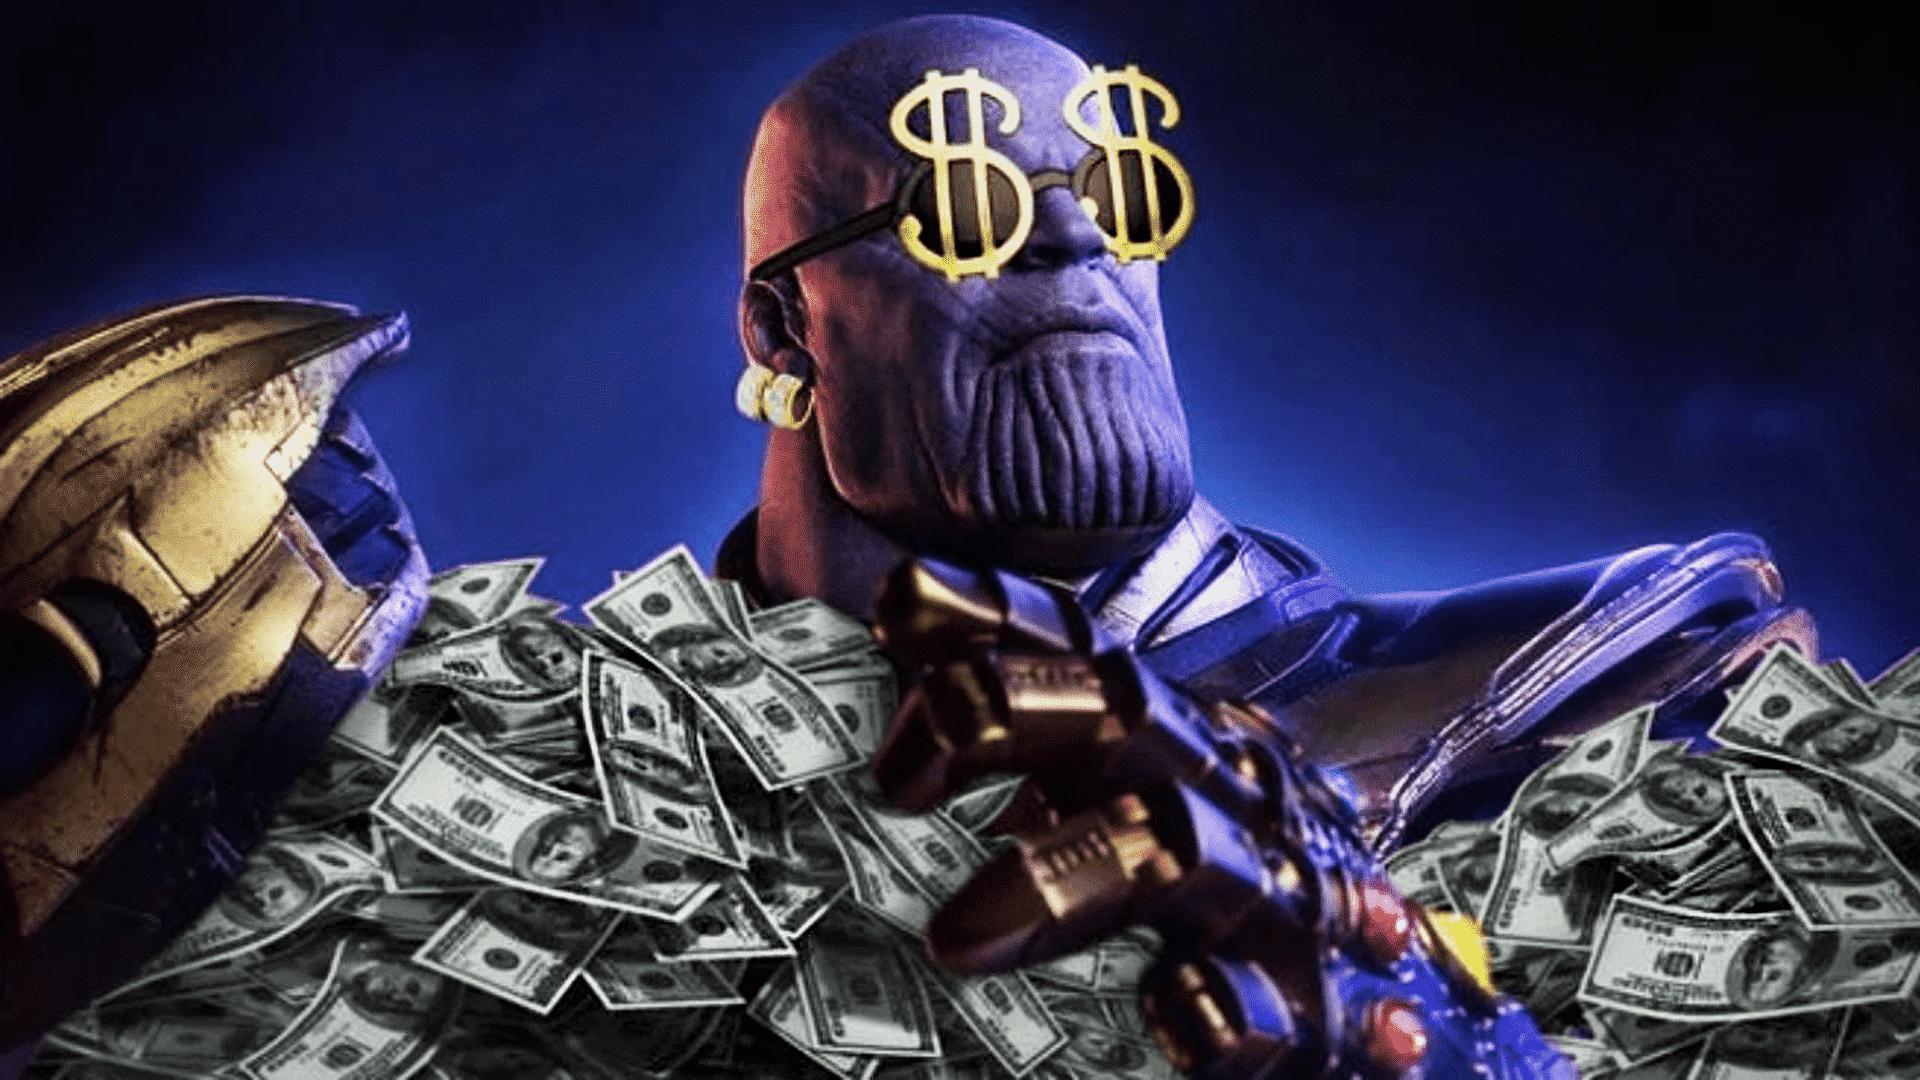 film Avengers: Endgame